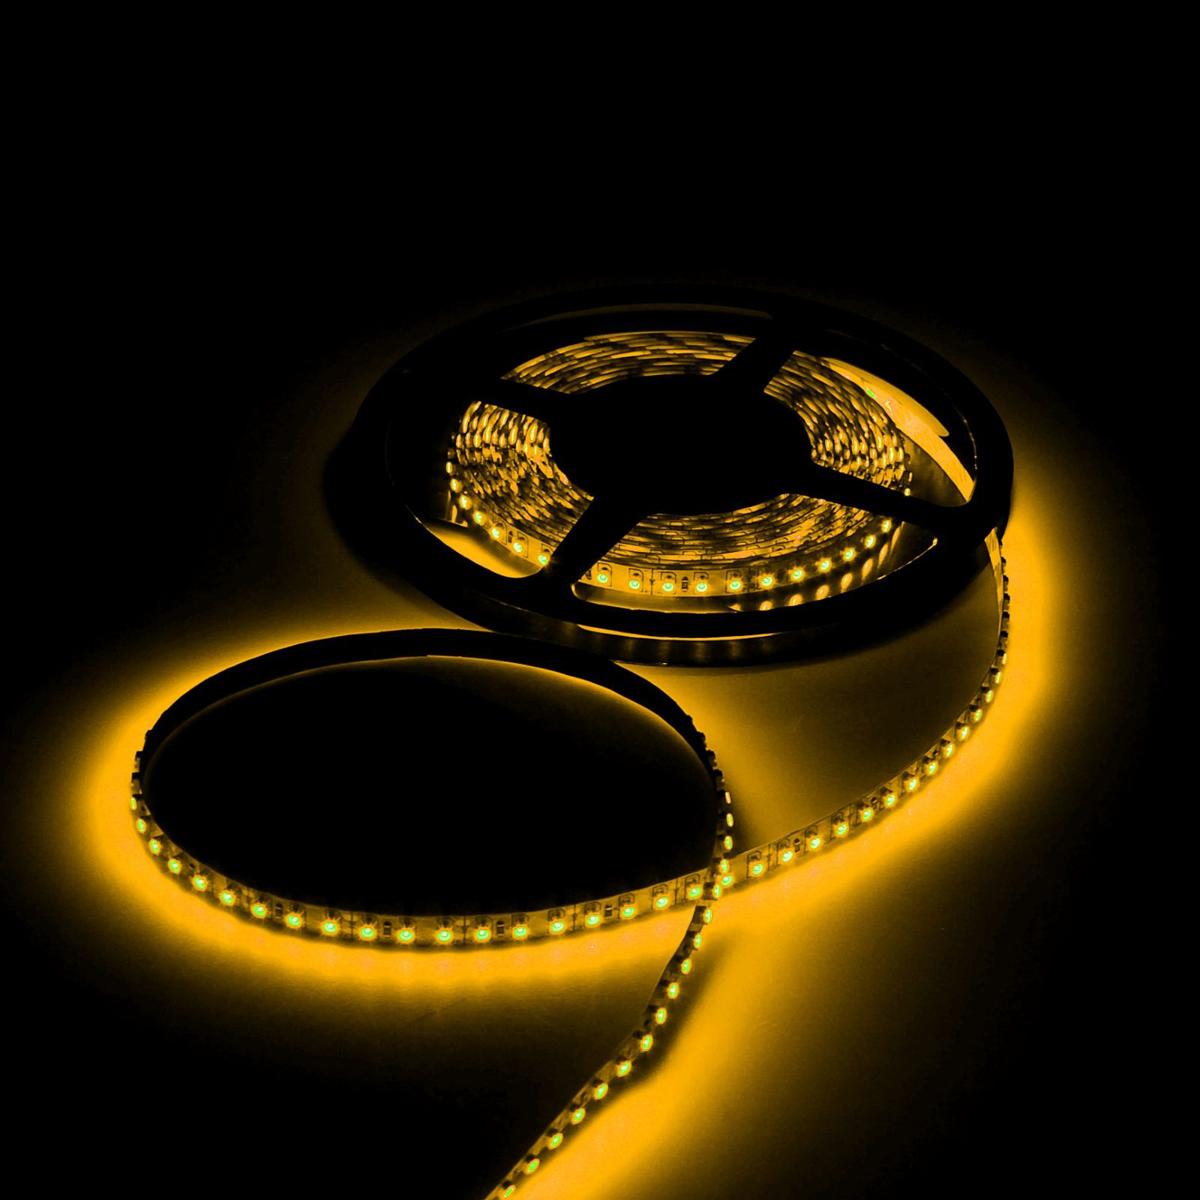 Светодиодная лента Luazon, 12В, SMD3528, длина 5 м, IP33, 120 LED ламп, 9.6 Вт/м, 6-7 Лм/1 LED, DC, цвет: желтый. 883895883895Светодиодные гирлянды, ленты и т.д — это отличный вариант для новогоднего оформления интерьера или фасада. С их помощью помещение любого размера можно превратить в праздничный зал, а внешние элементы зданий, украшенные ими, мгновенно станут напоминать очертания сказочного дворца. Такие украшения создают ауру предвкушения чуда. Деревья, фасады, витрины, окна и арки будто специально созданы, чтобы вы украсили их светящимися нитями.